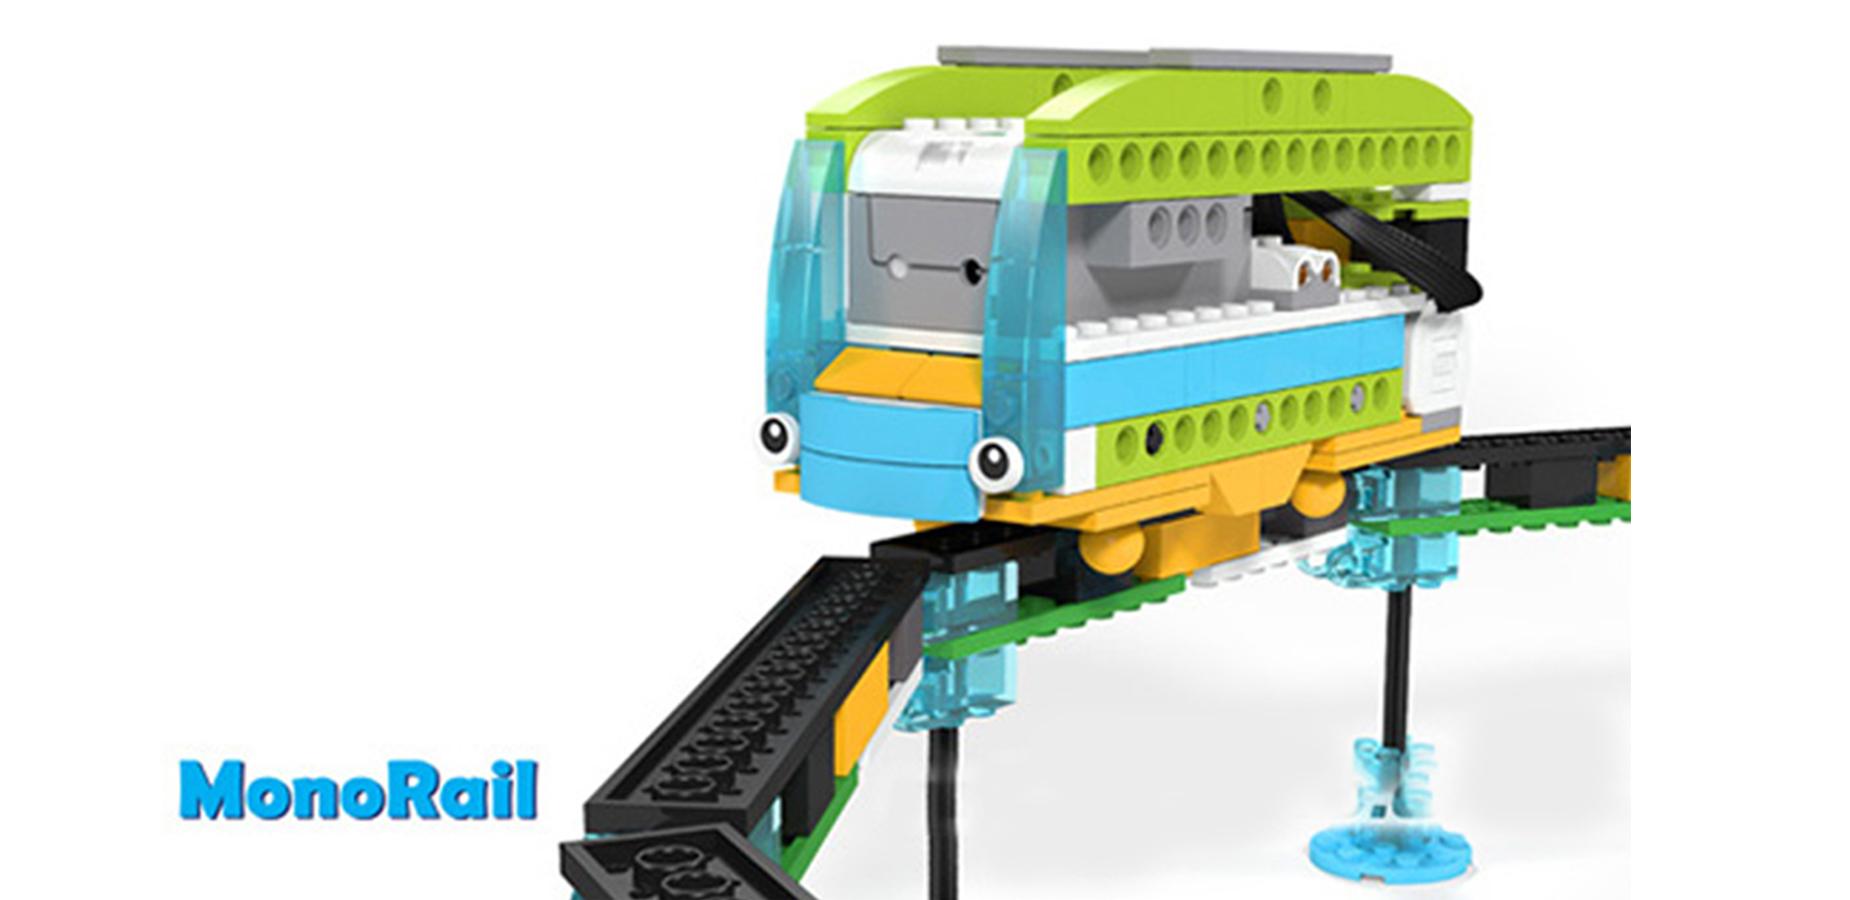 monorail--slideshow.jpg